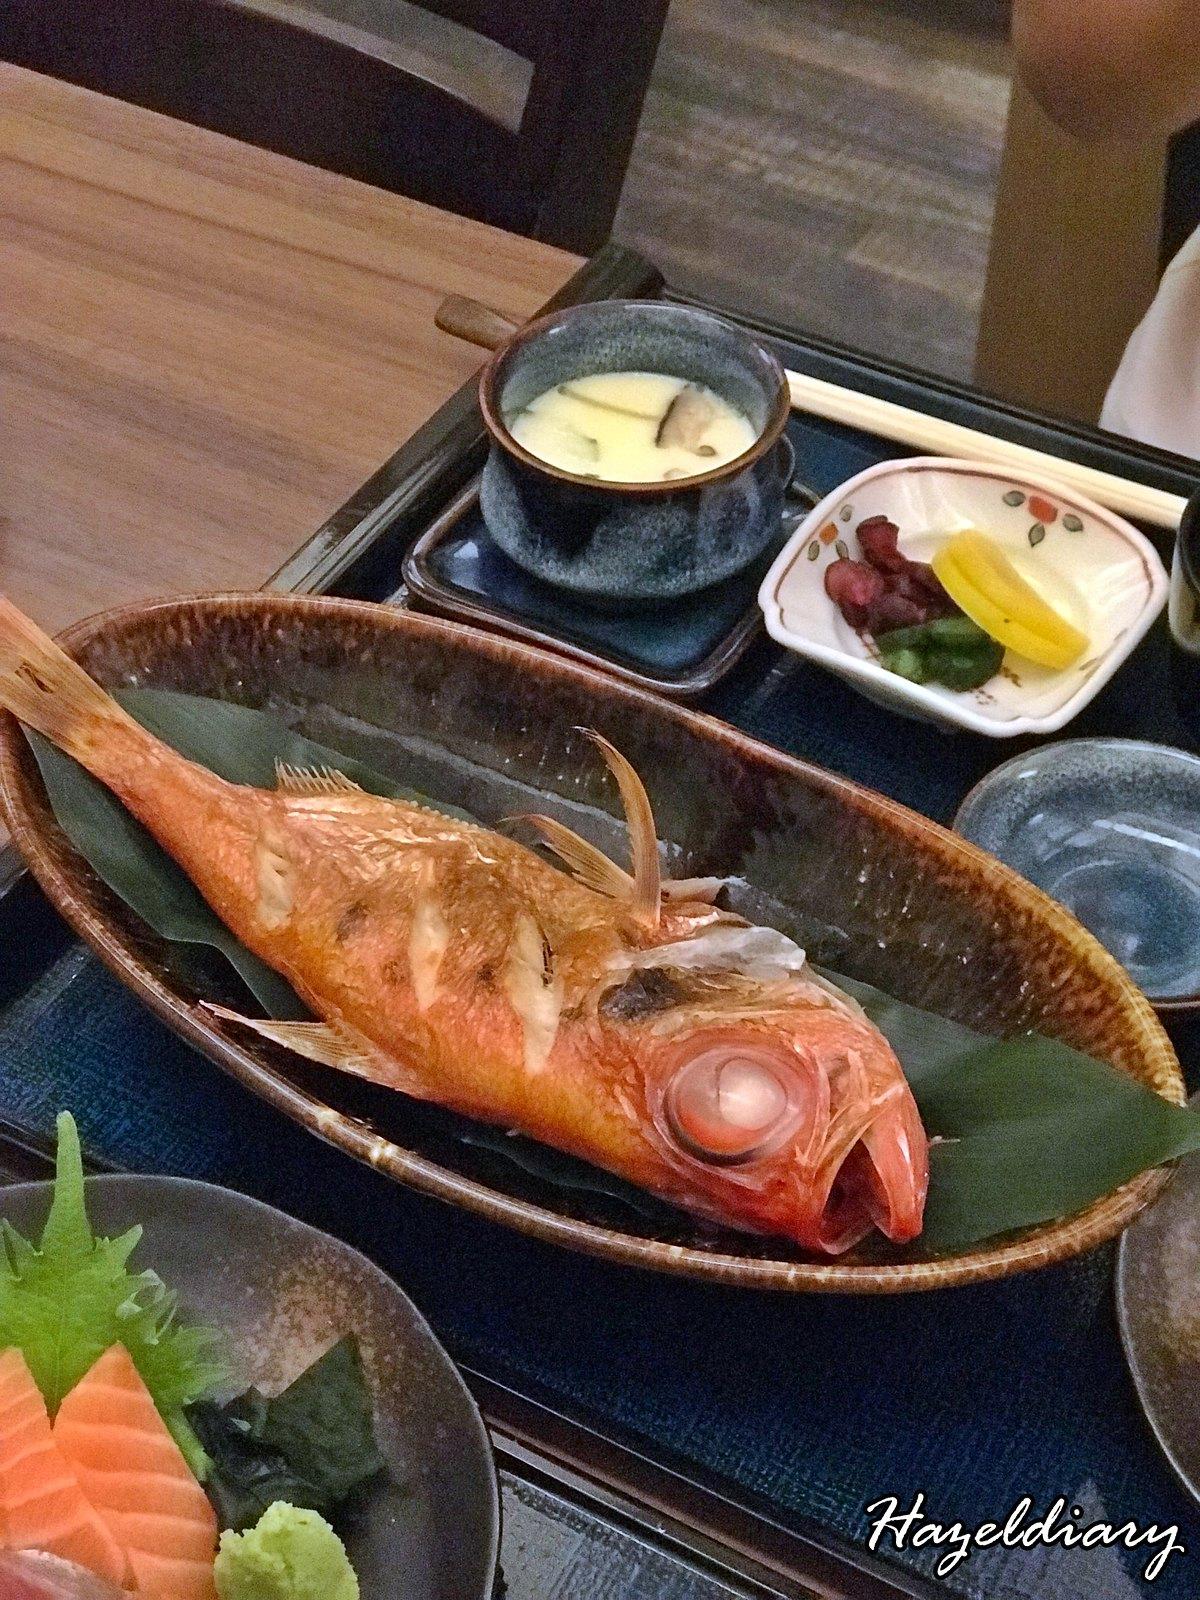 Mitsu Spring Menu-Grilled Fish